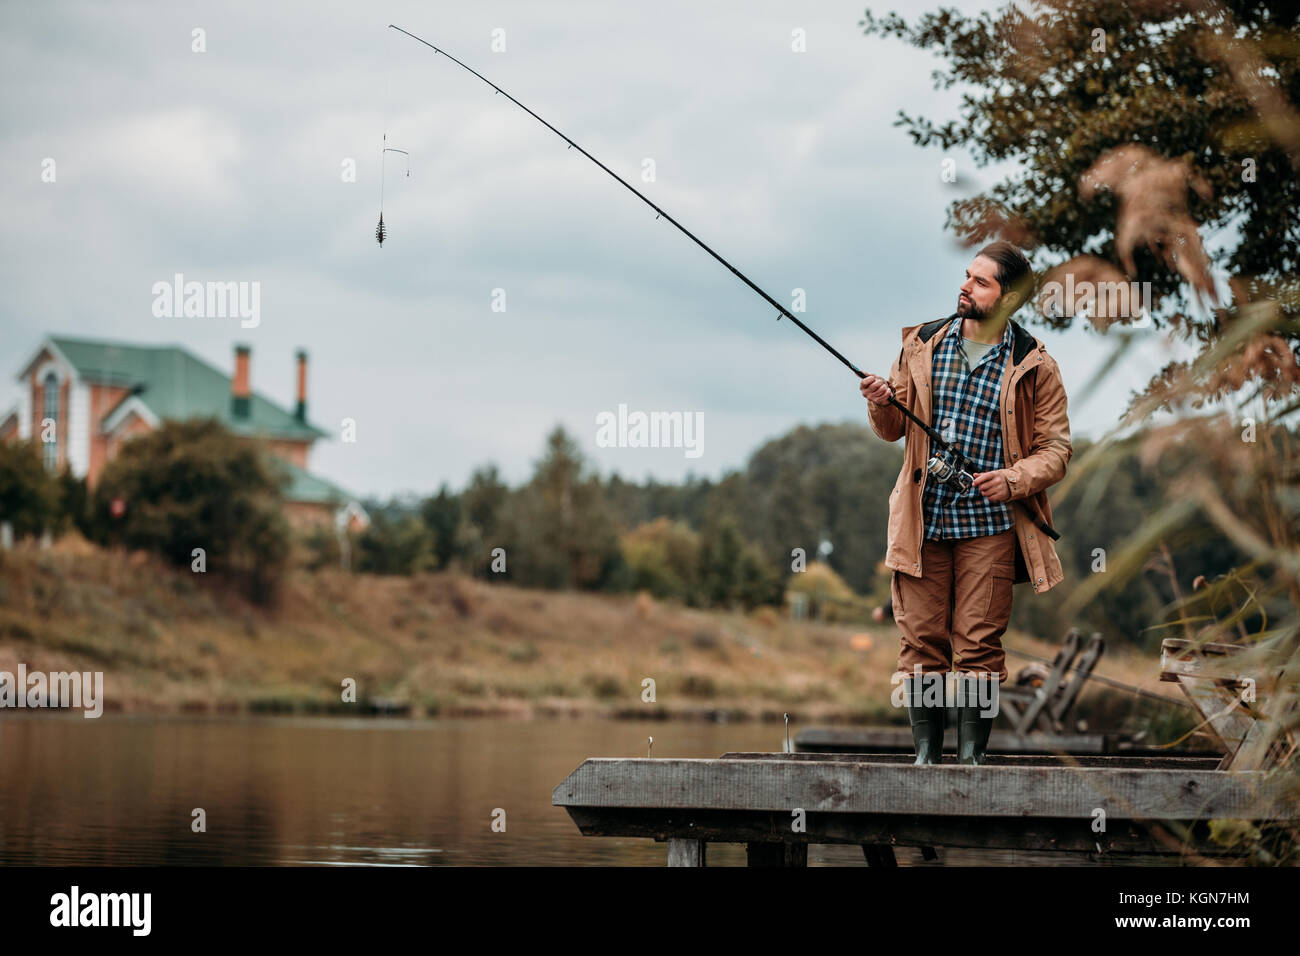 Hombre con varilla de pesca en el lago Imagen De Stock